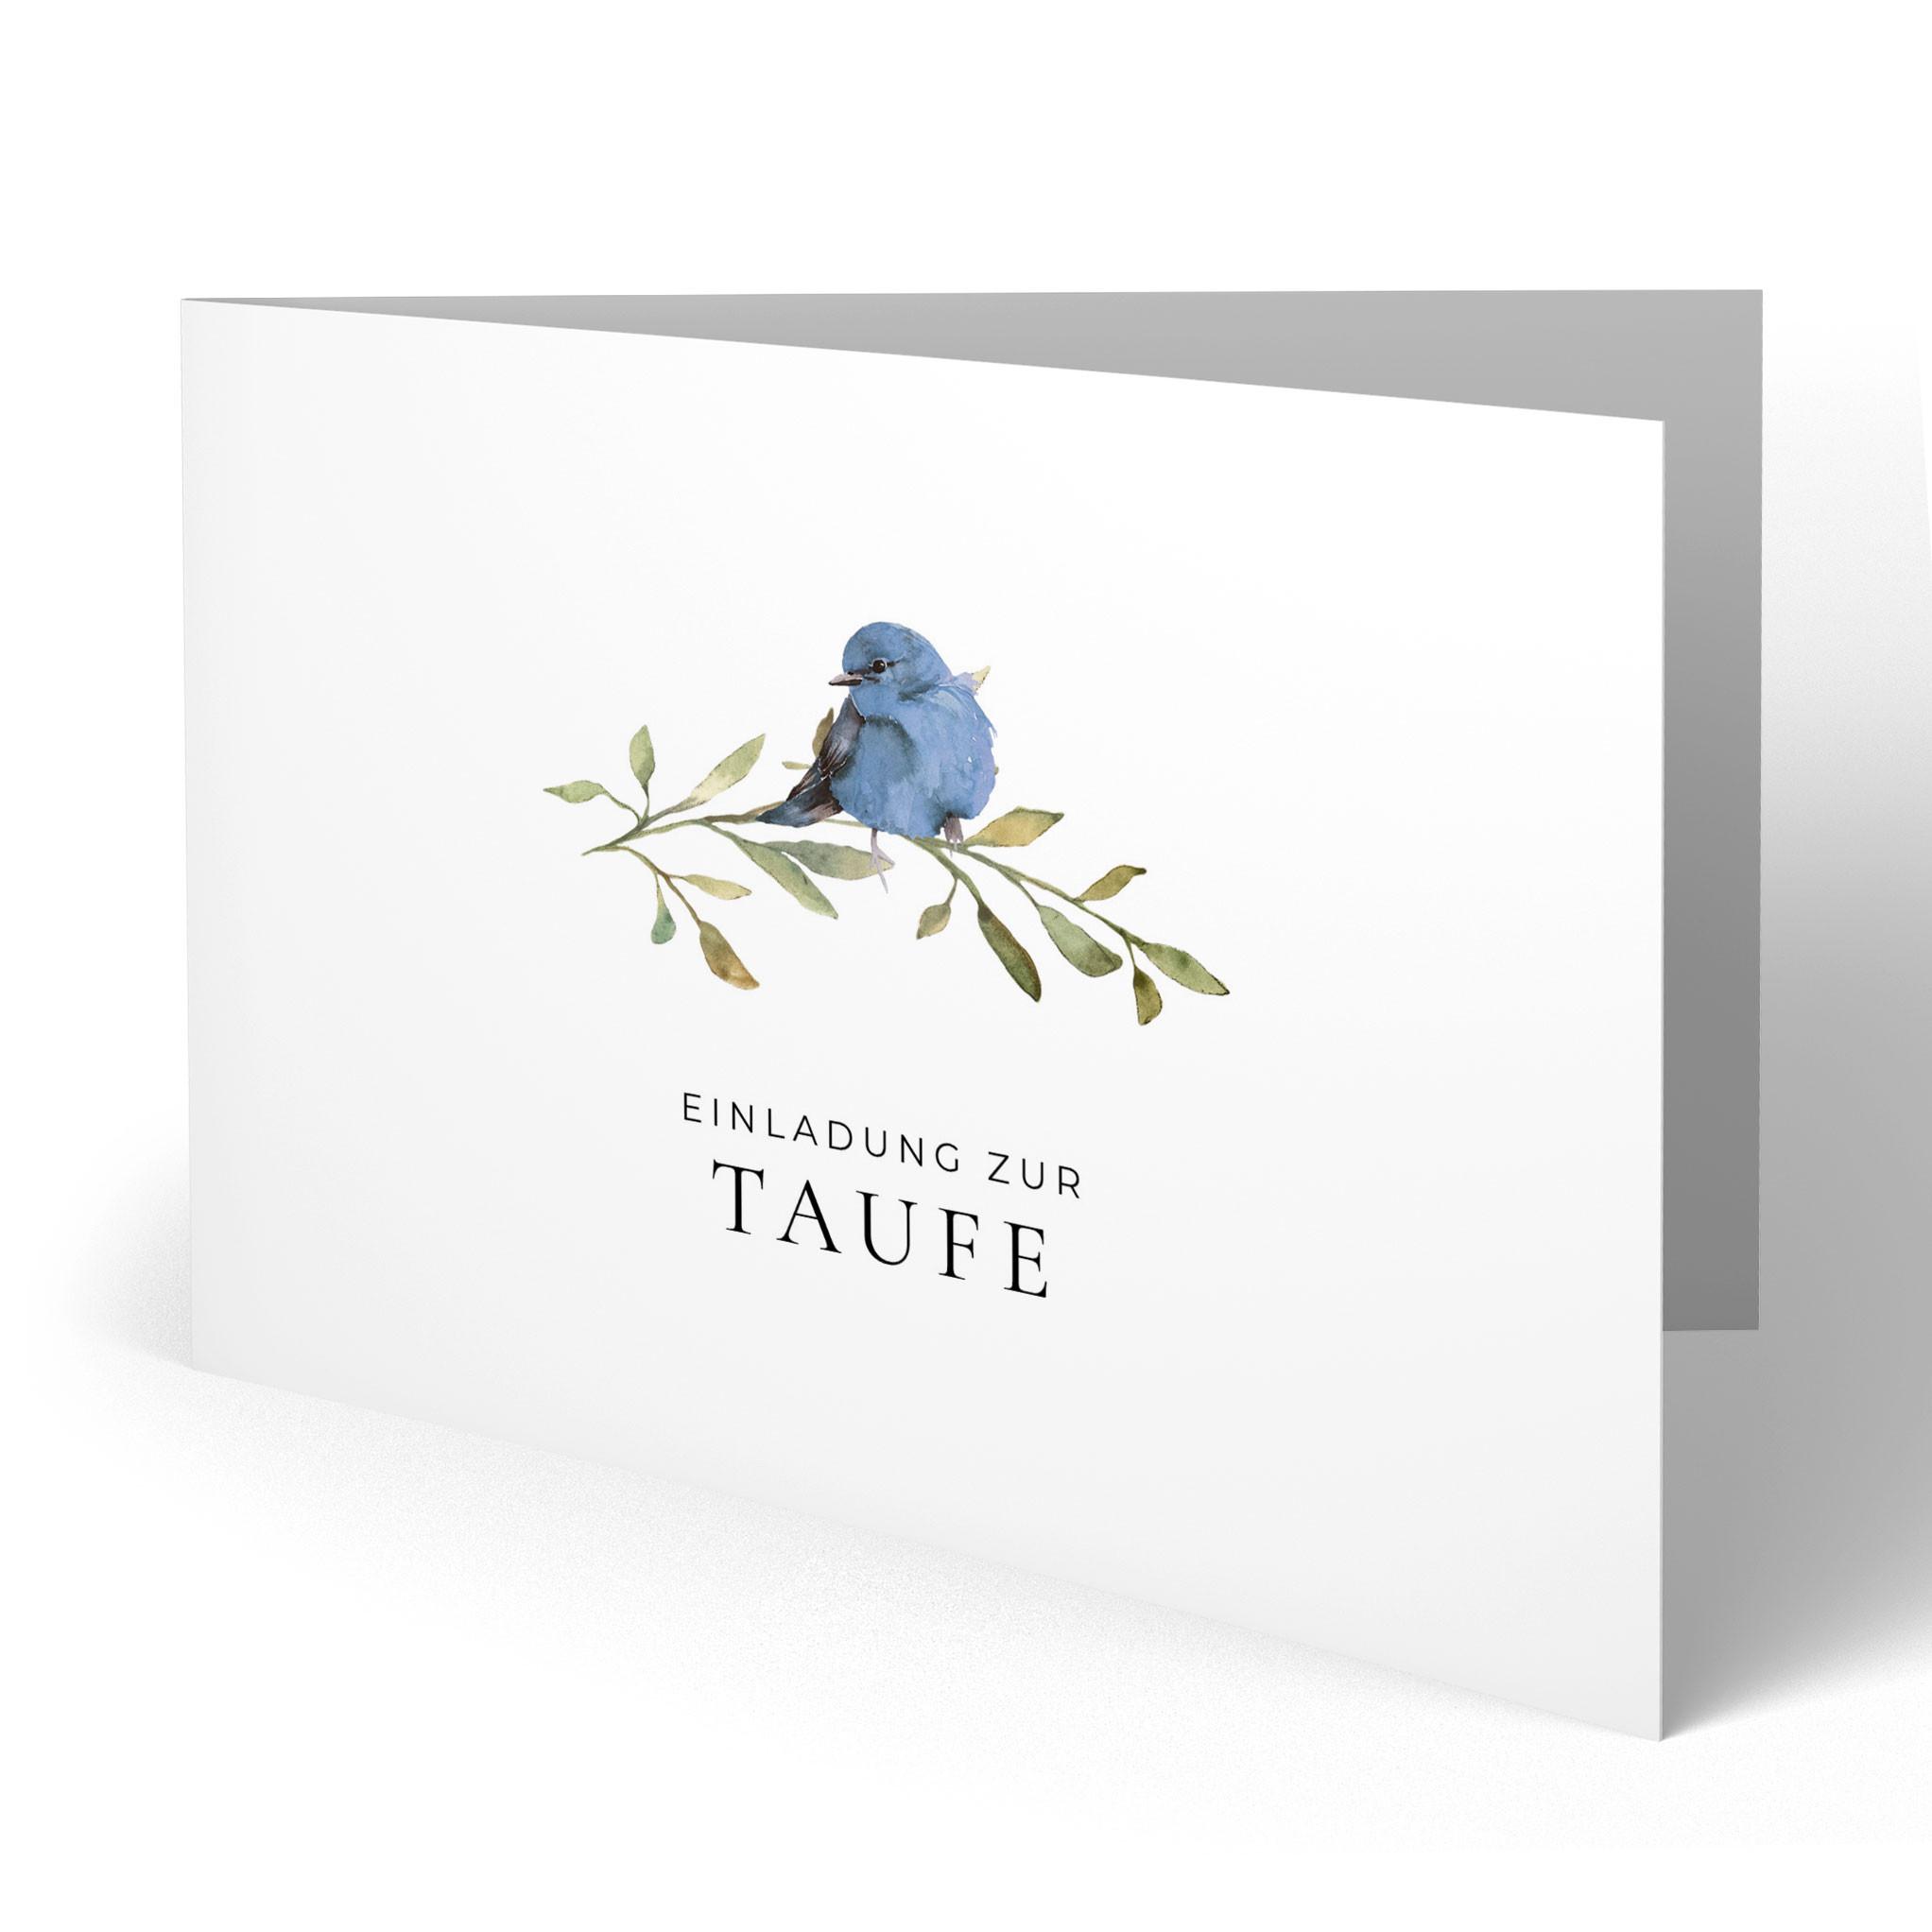 einladungskarten zur taufe - vogel